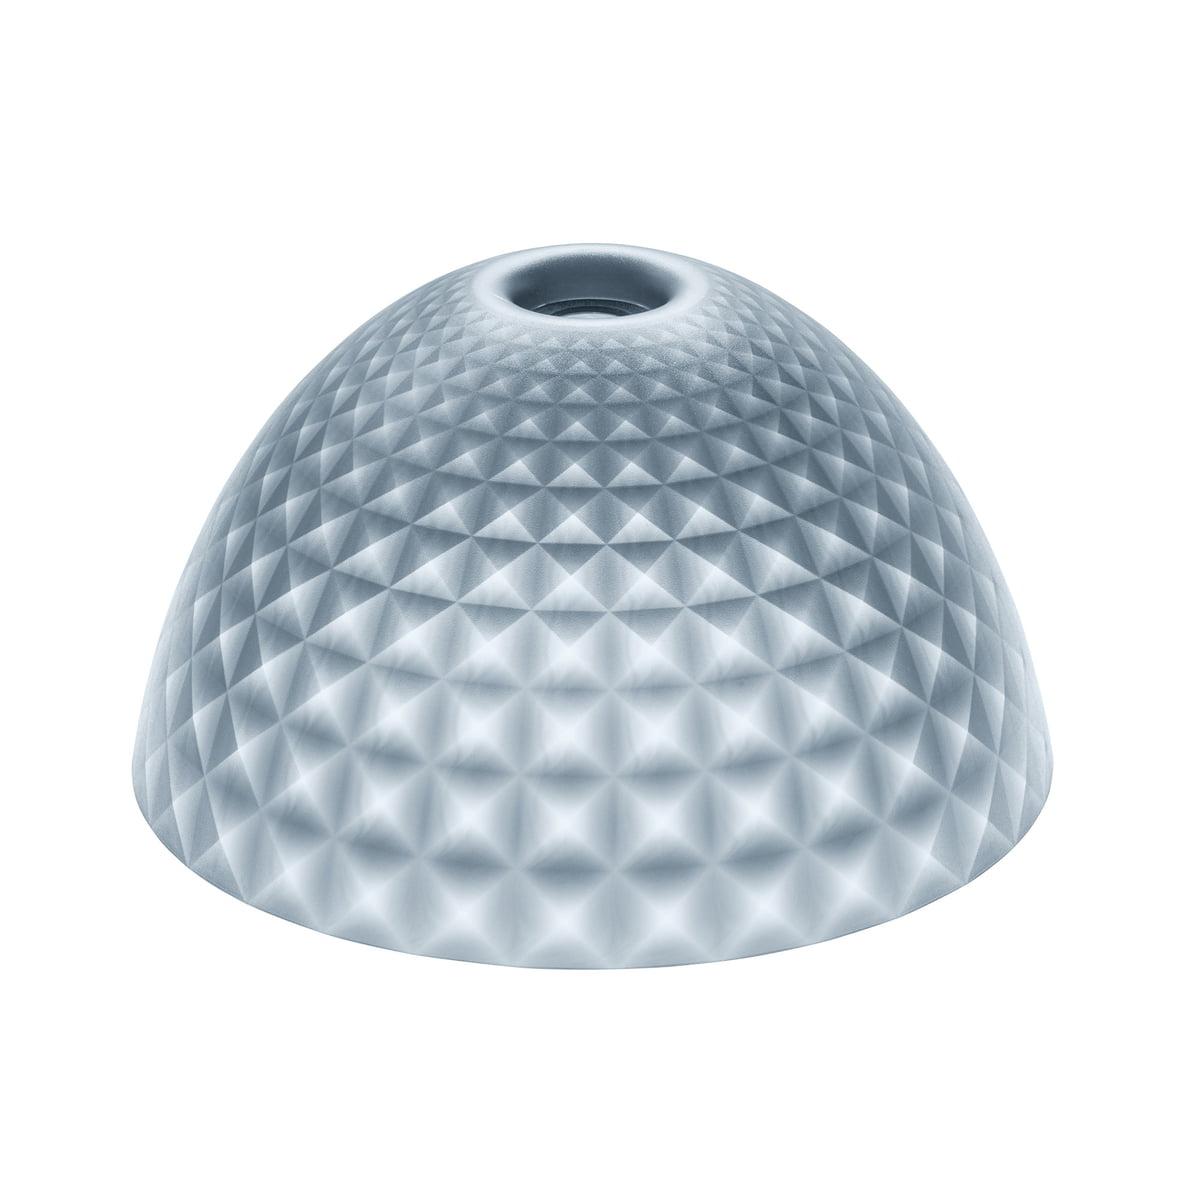 Koziol - Stella Silk Lampenschirm M, transparent anthrazit | Lampen > Lampenschirme und Füsse | Anthrazit | Thermoplastischer kunststoff | Koziol